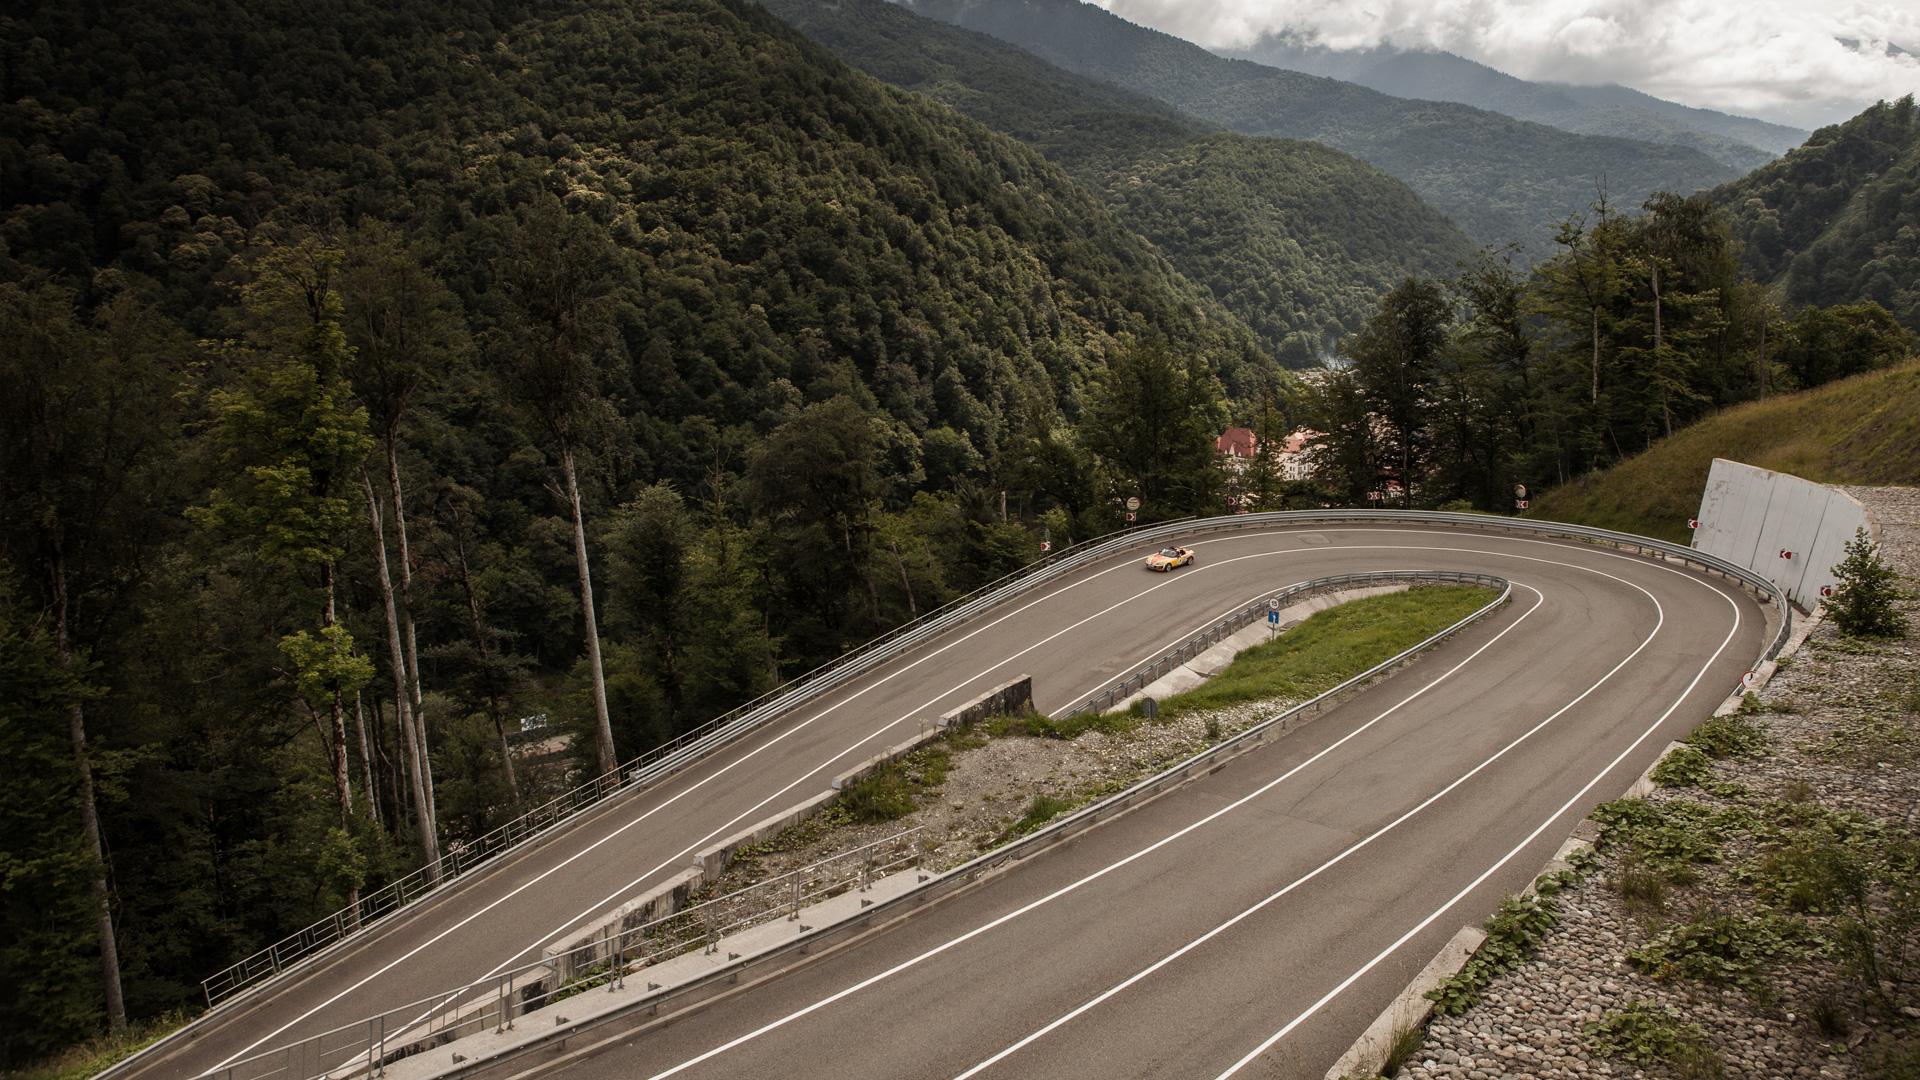 Ищем драйверские дороги России за рулем Mazda MX-5 Aori. Фото 12